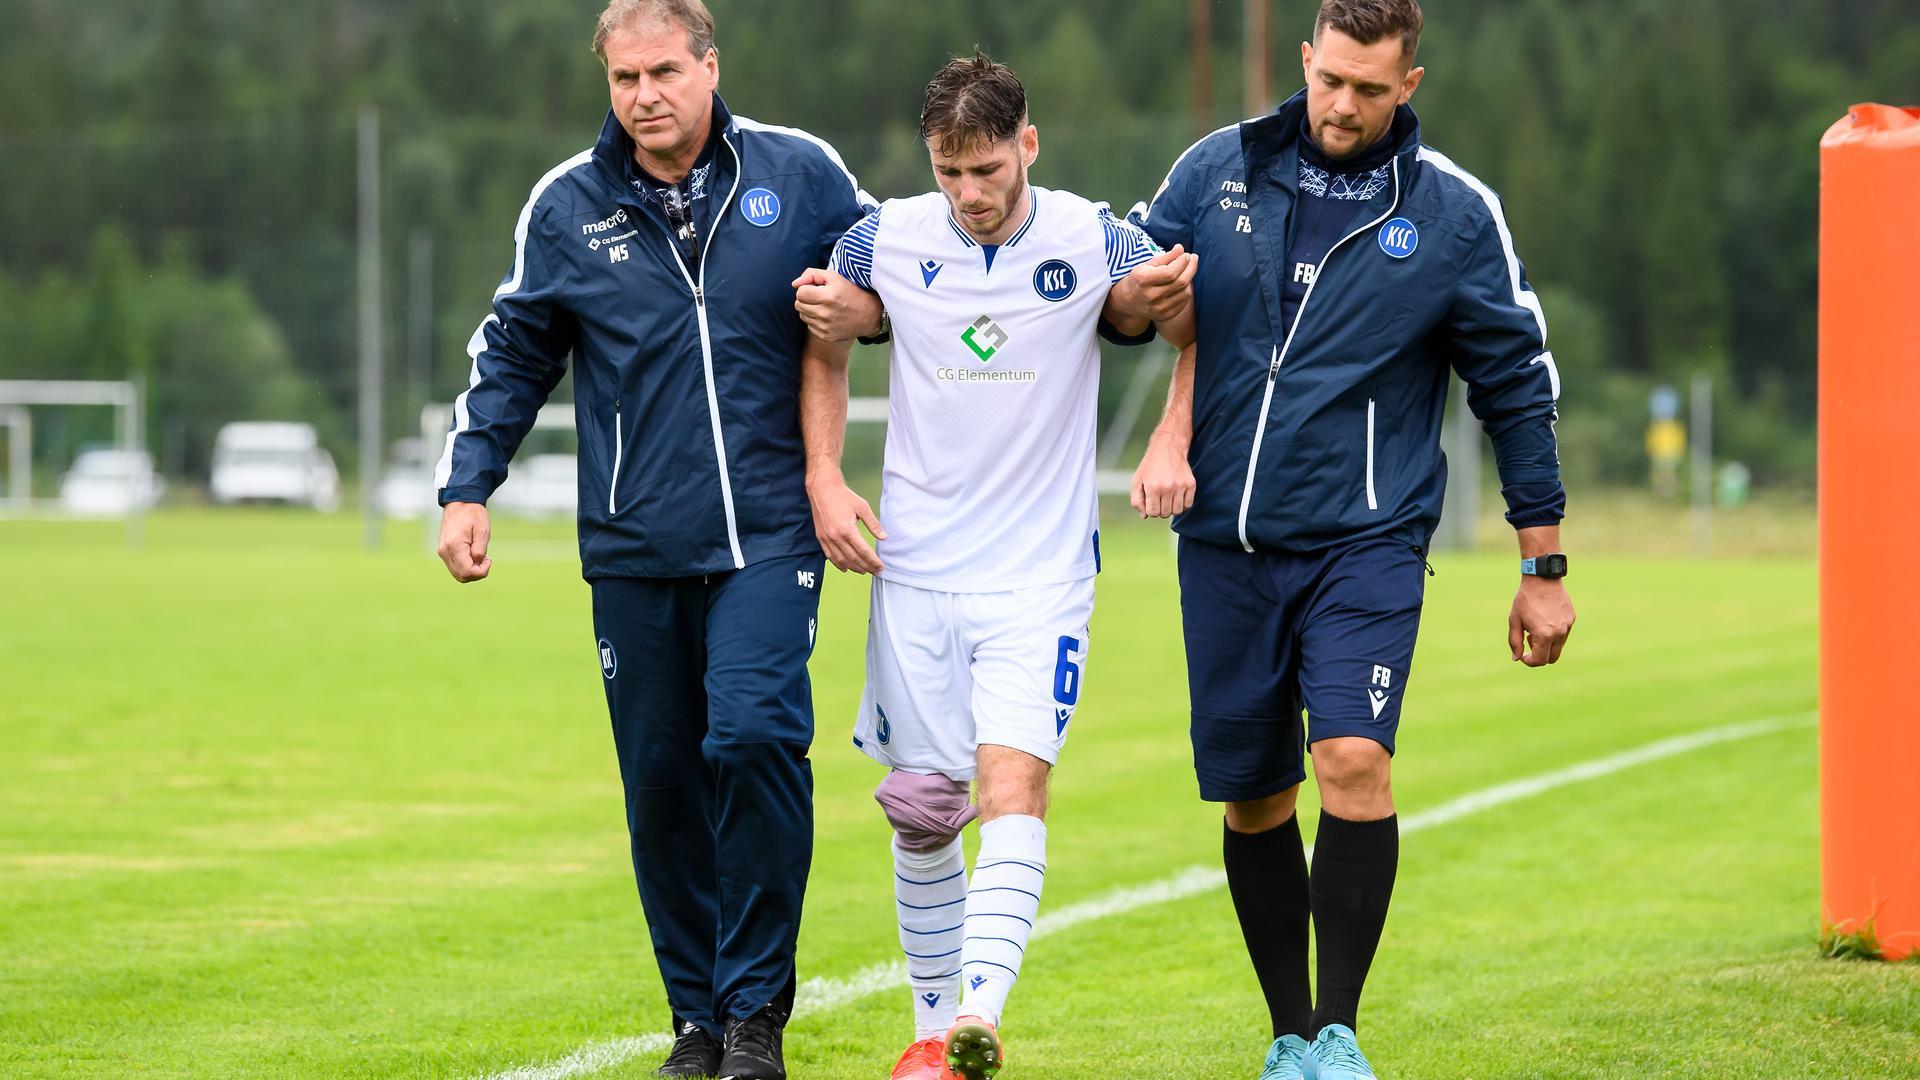 Mannschaftsarzt Dr. Marcus Schweizer (KSC) und Athletiktrainer Florian Boeckler (KSC) stuetzen den am rechten Knie Verletzten Leon Jensen (KSC).